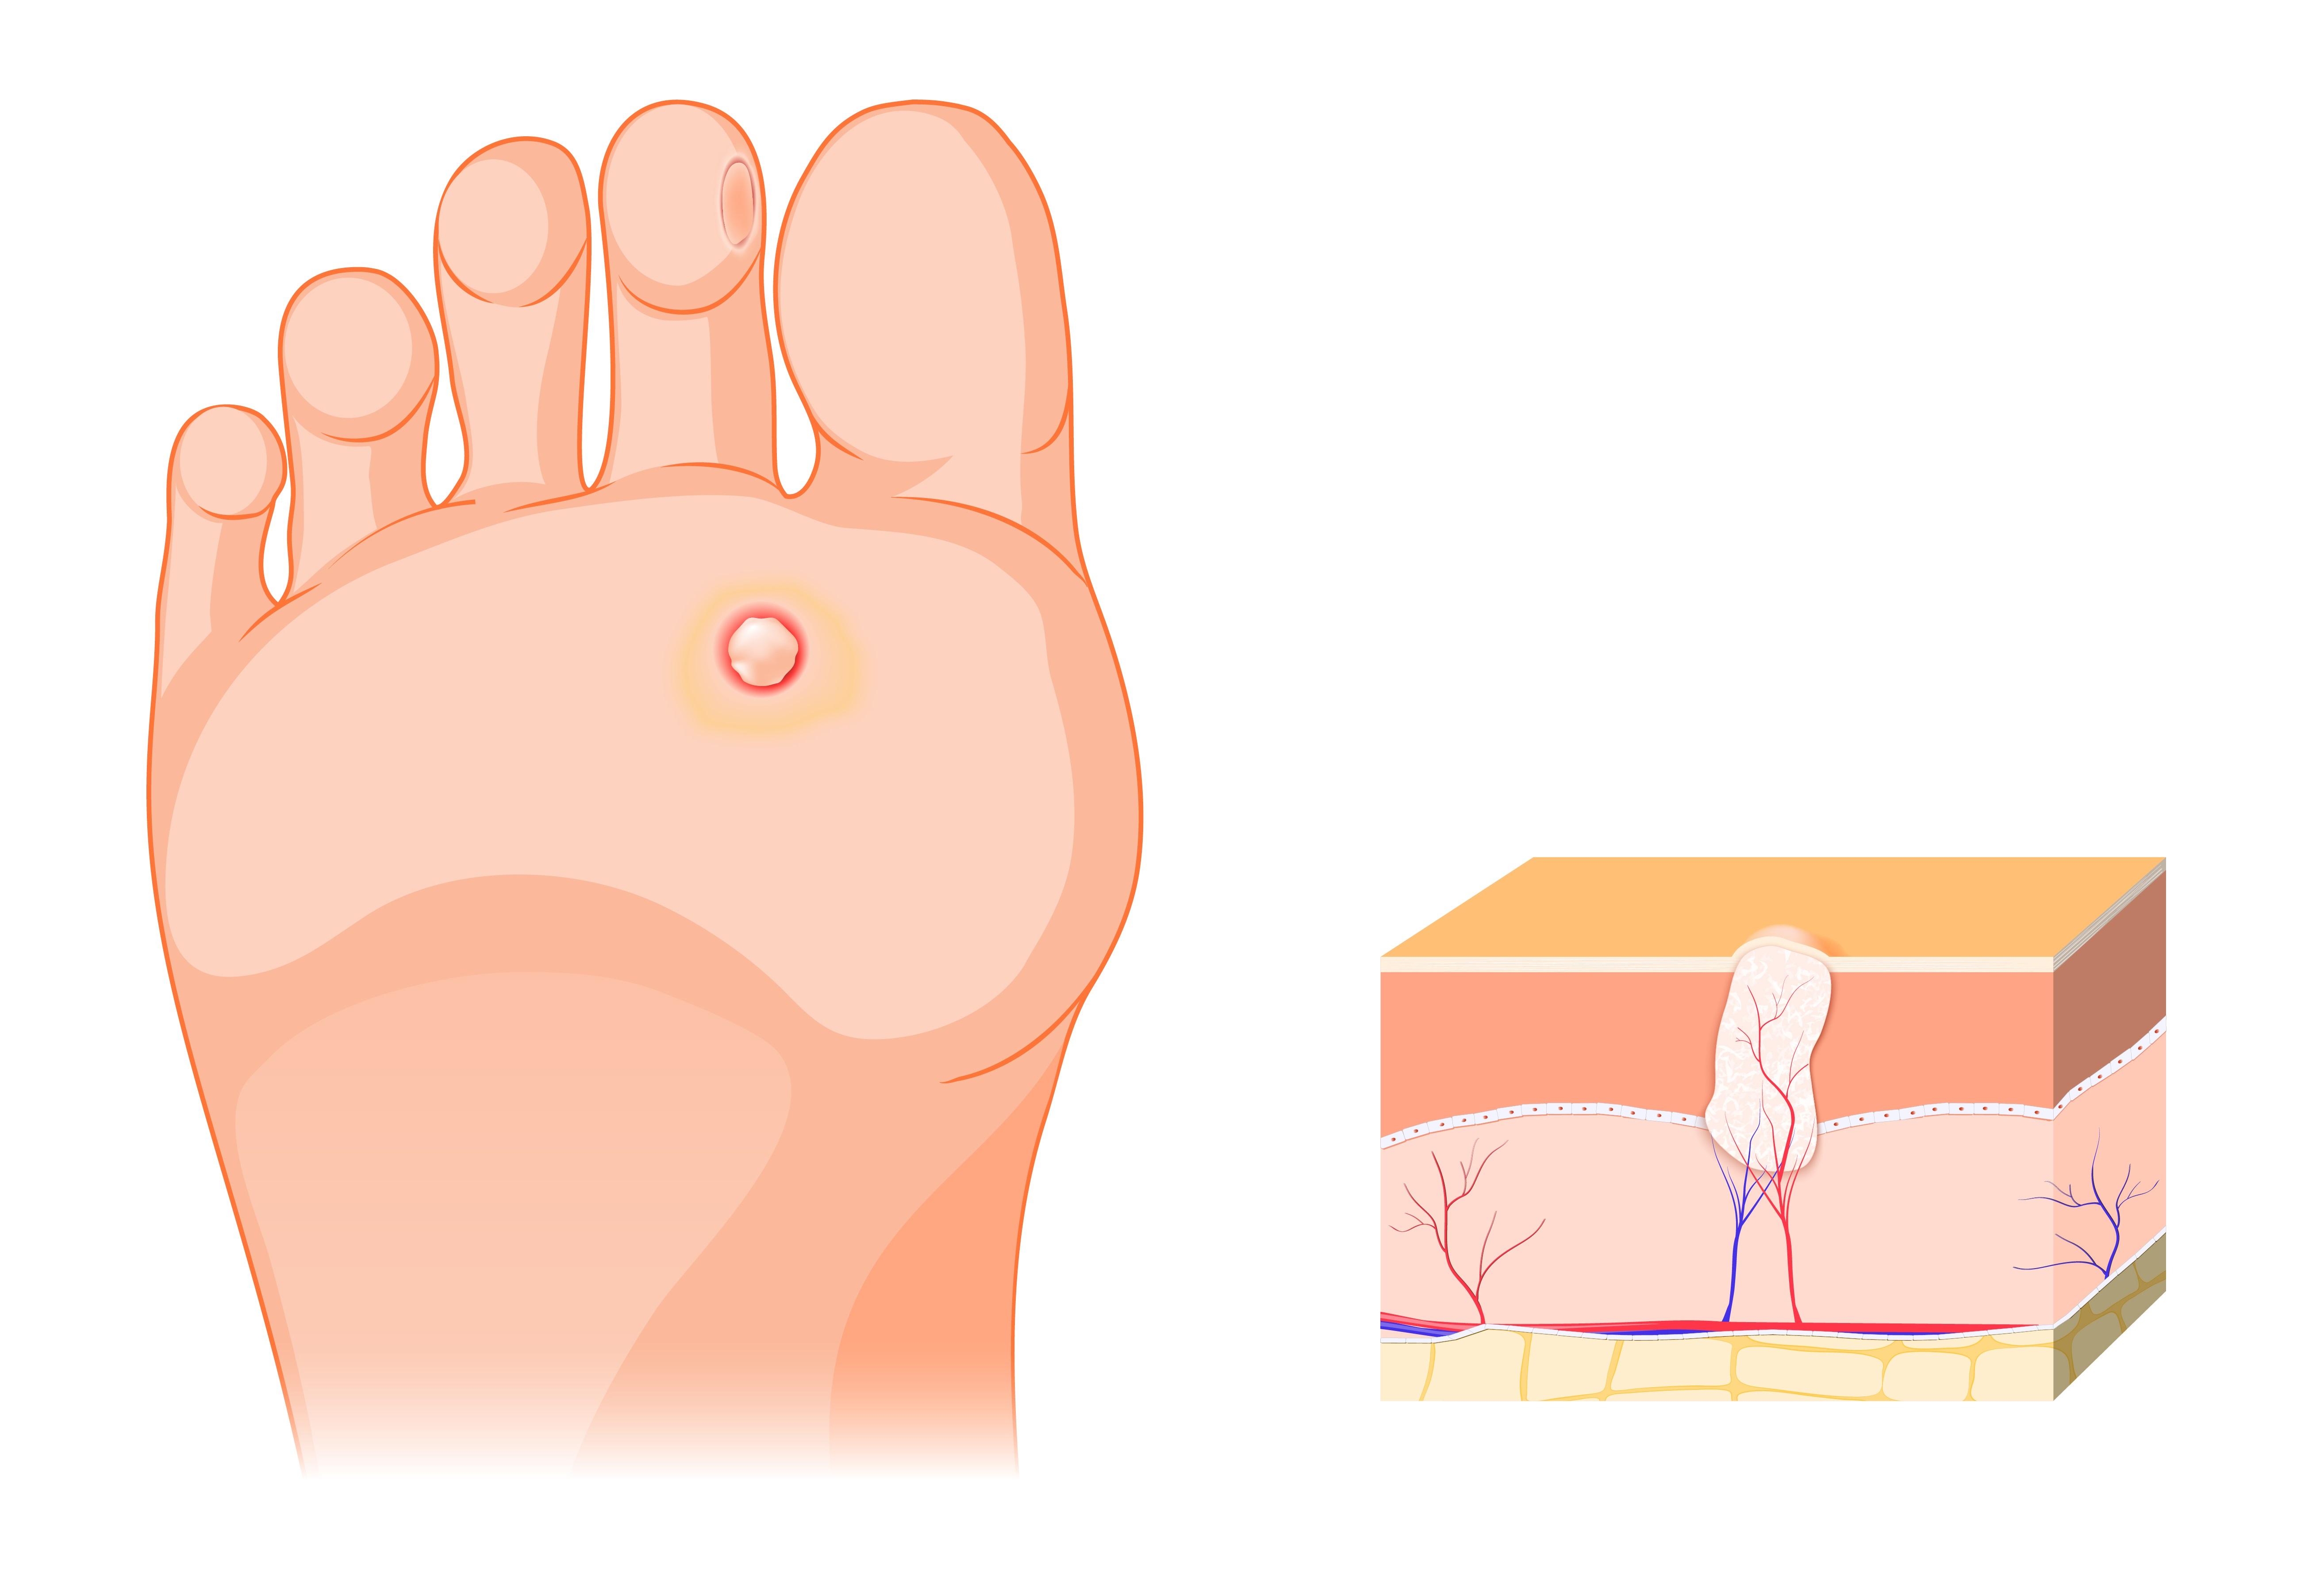 szemölcsök jelennek meg a nemi szervek területén